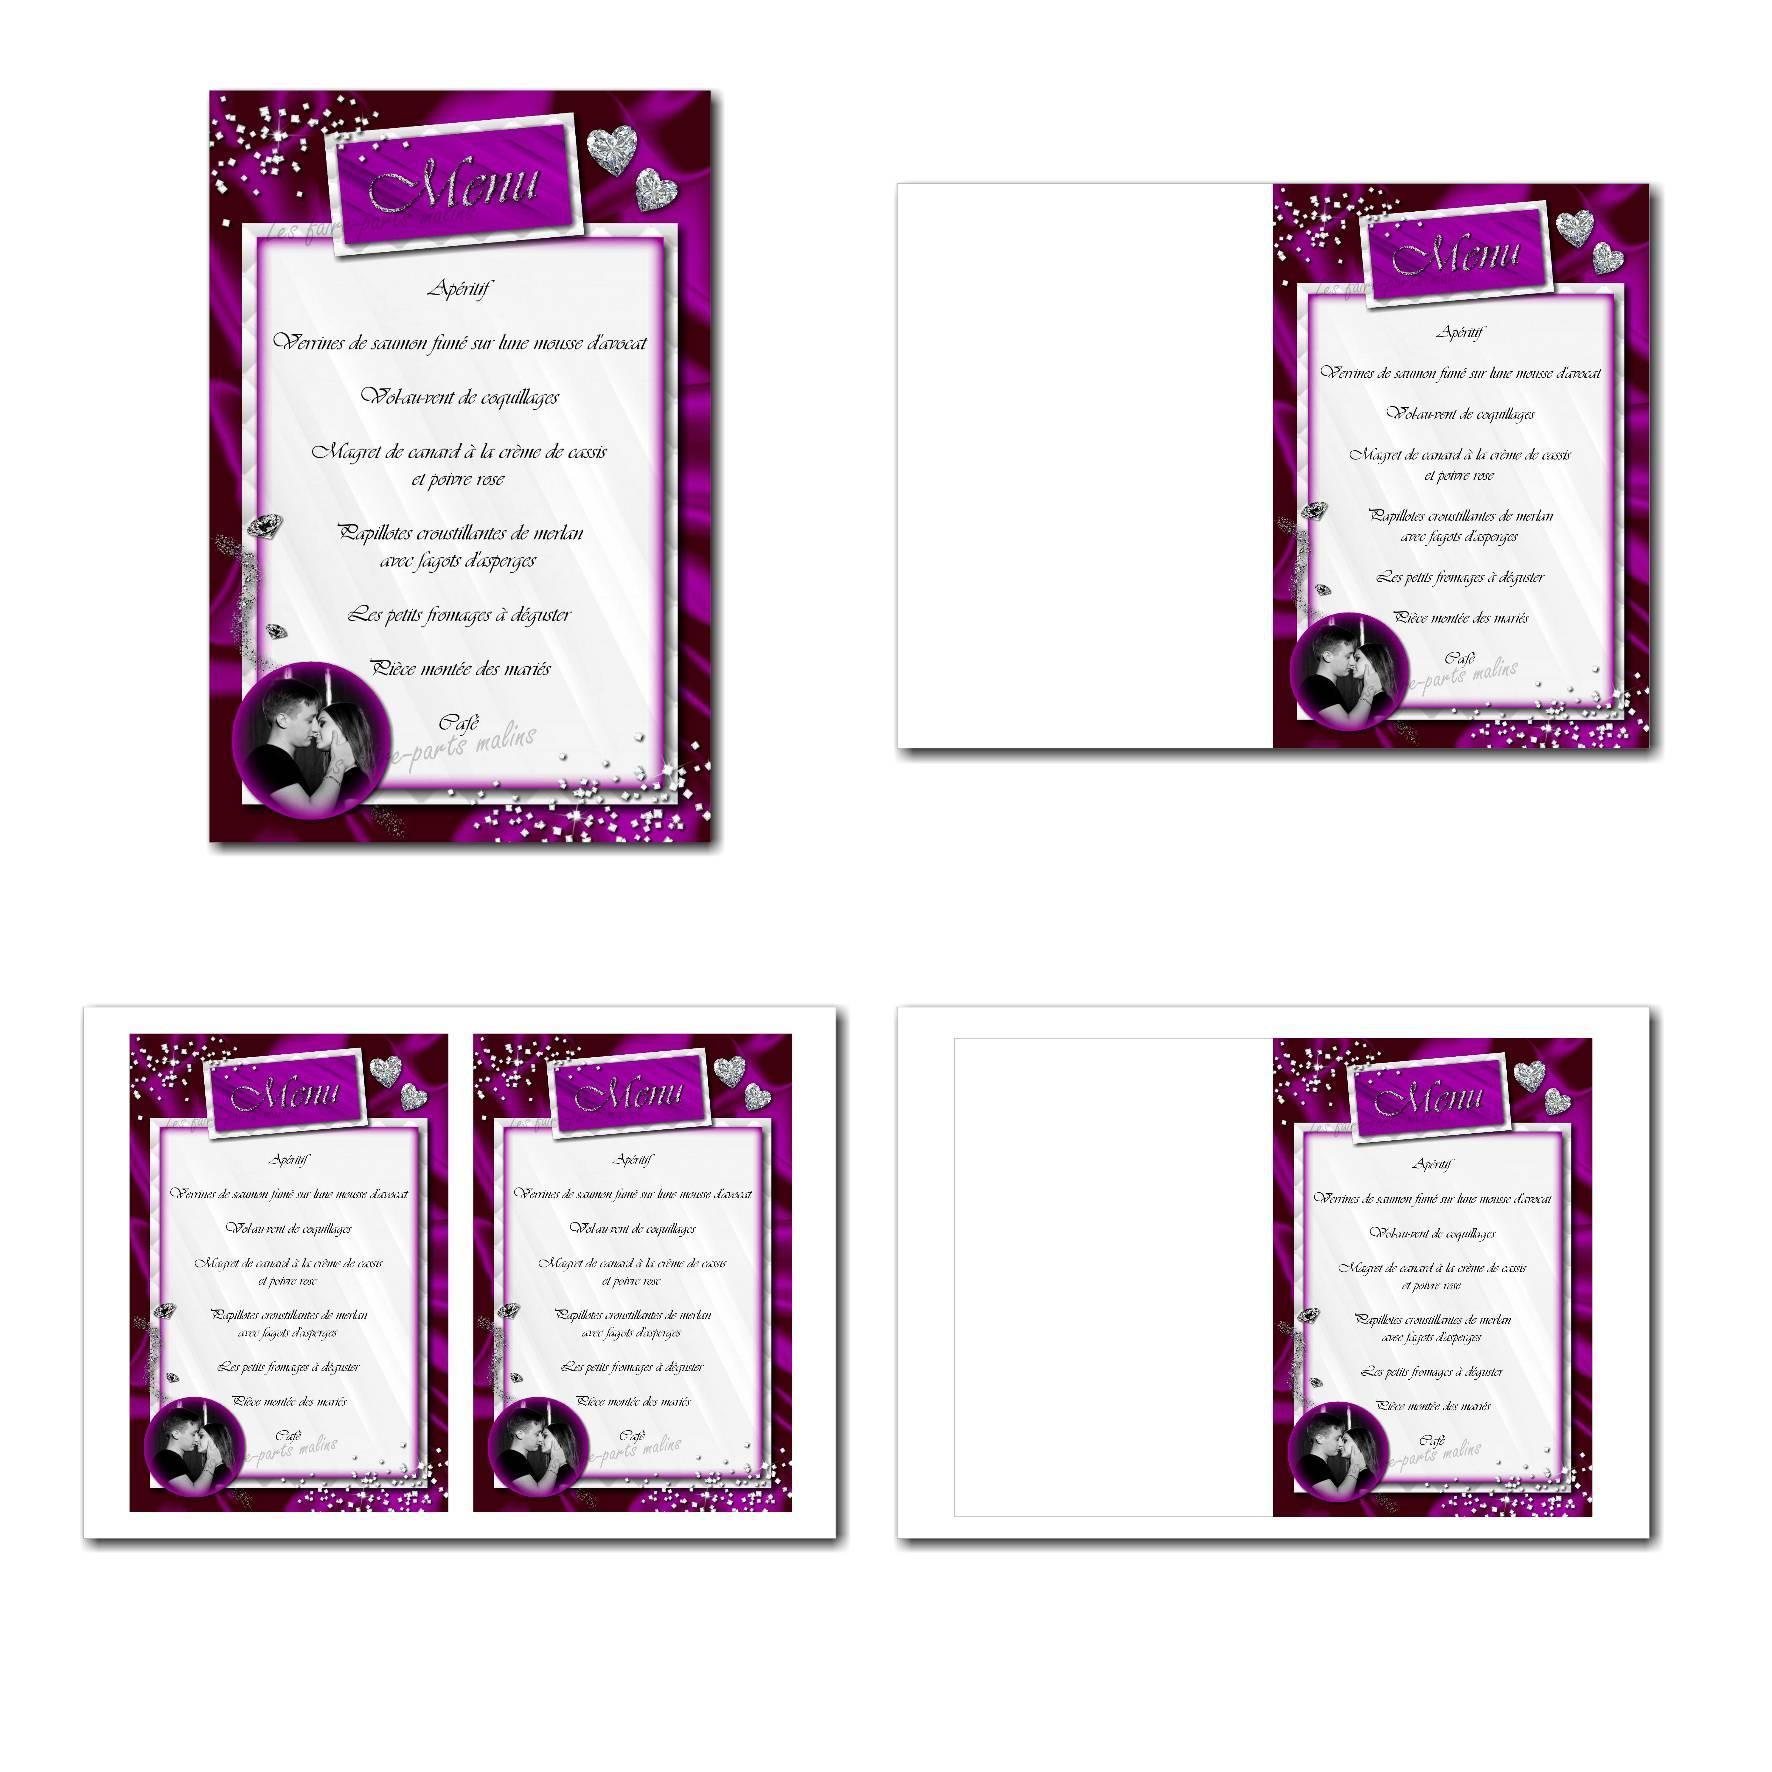 Carte de menu illimité avec diamants sur fond violet